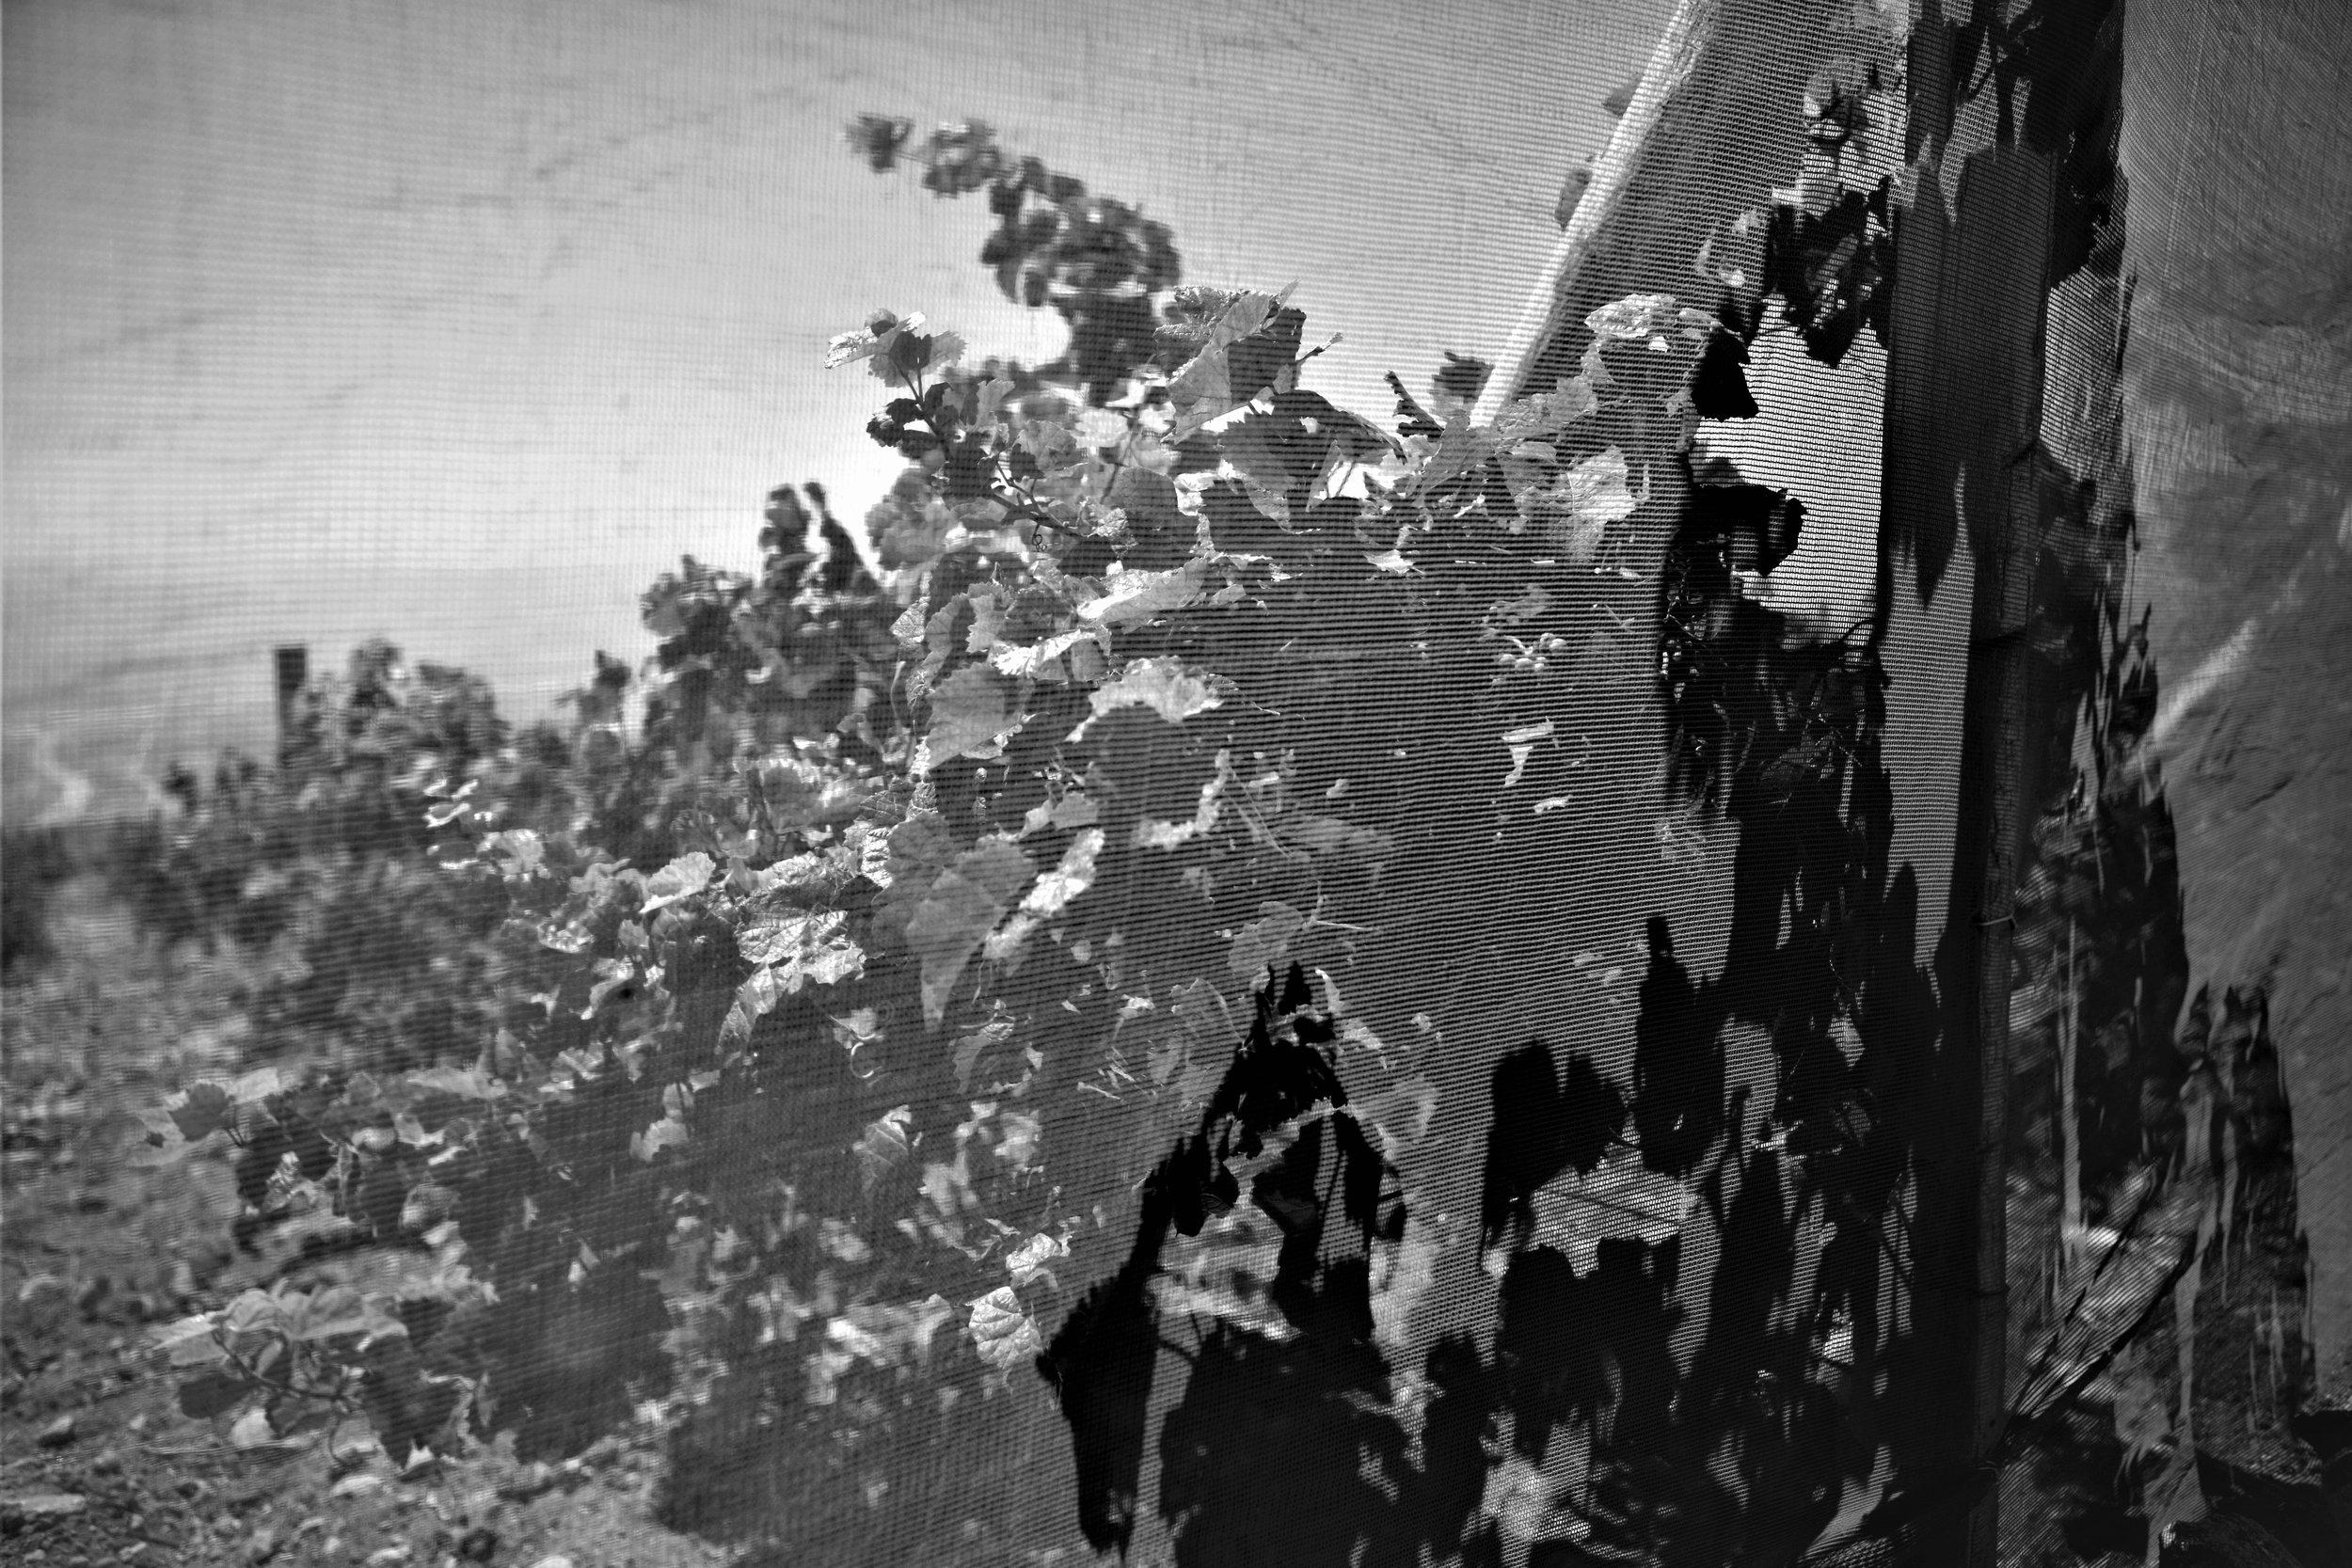 Die Netzte dienen zum Schutz vor den Wüstenfüchsen, welche reife Trauben gerne in grosser Menge verschlingen wenn sie könnten (Vertical 33).